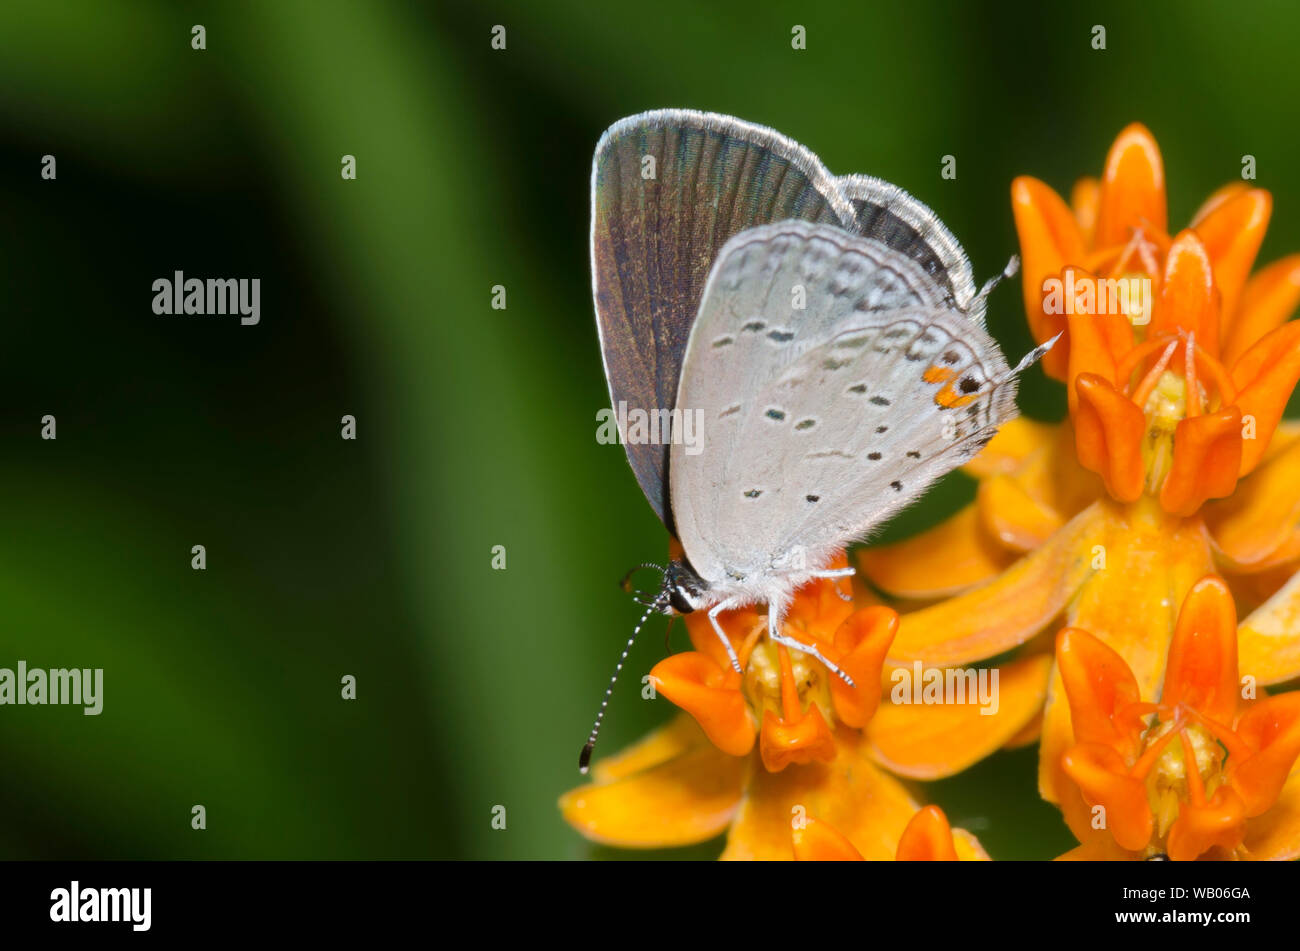 Cola oriental-azul, Cupido nectaring comyntas, hembra de color naranja, Asclepias asclepias tuberosa Foto de stock